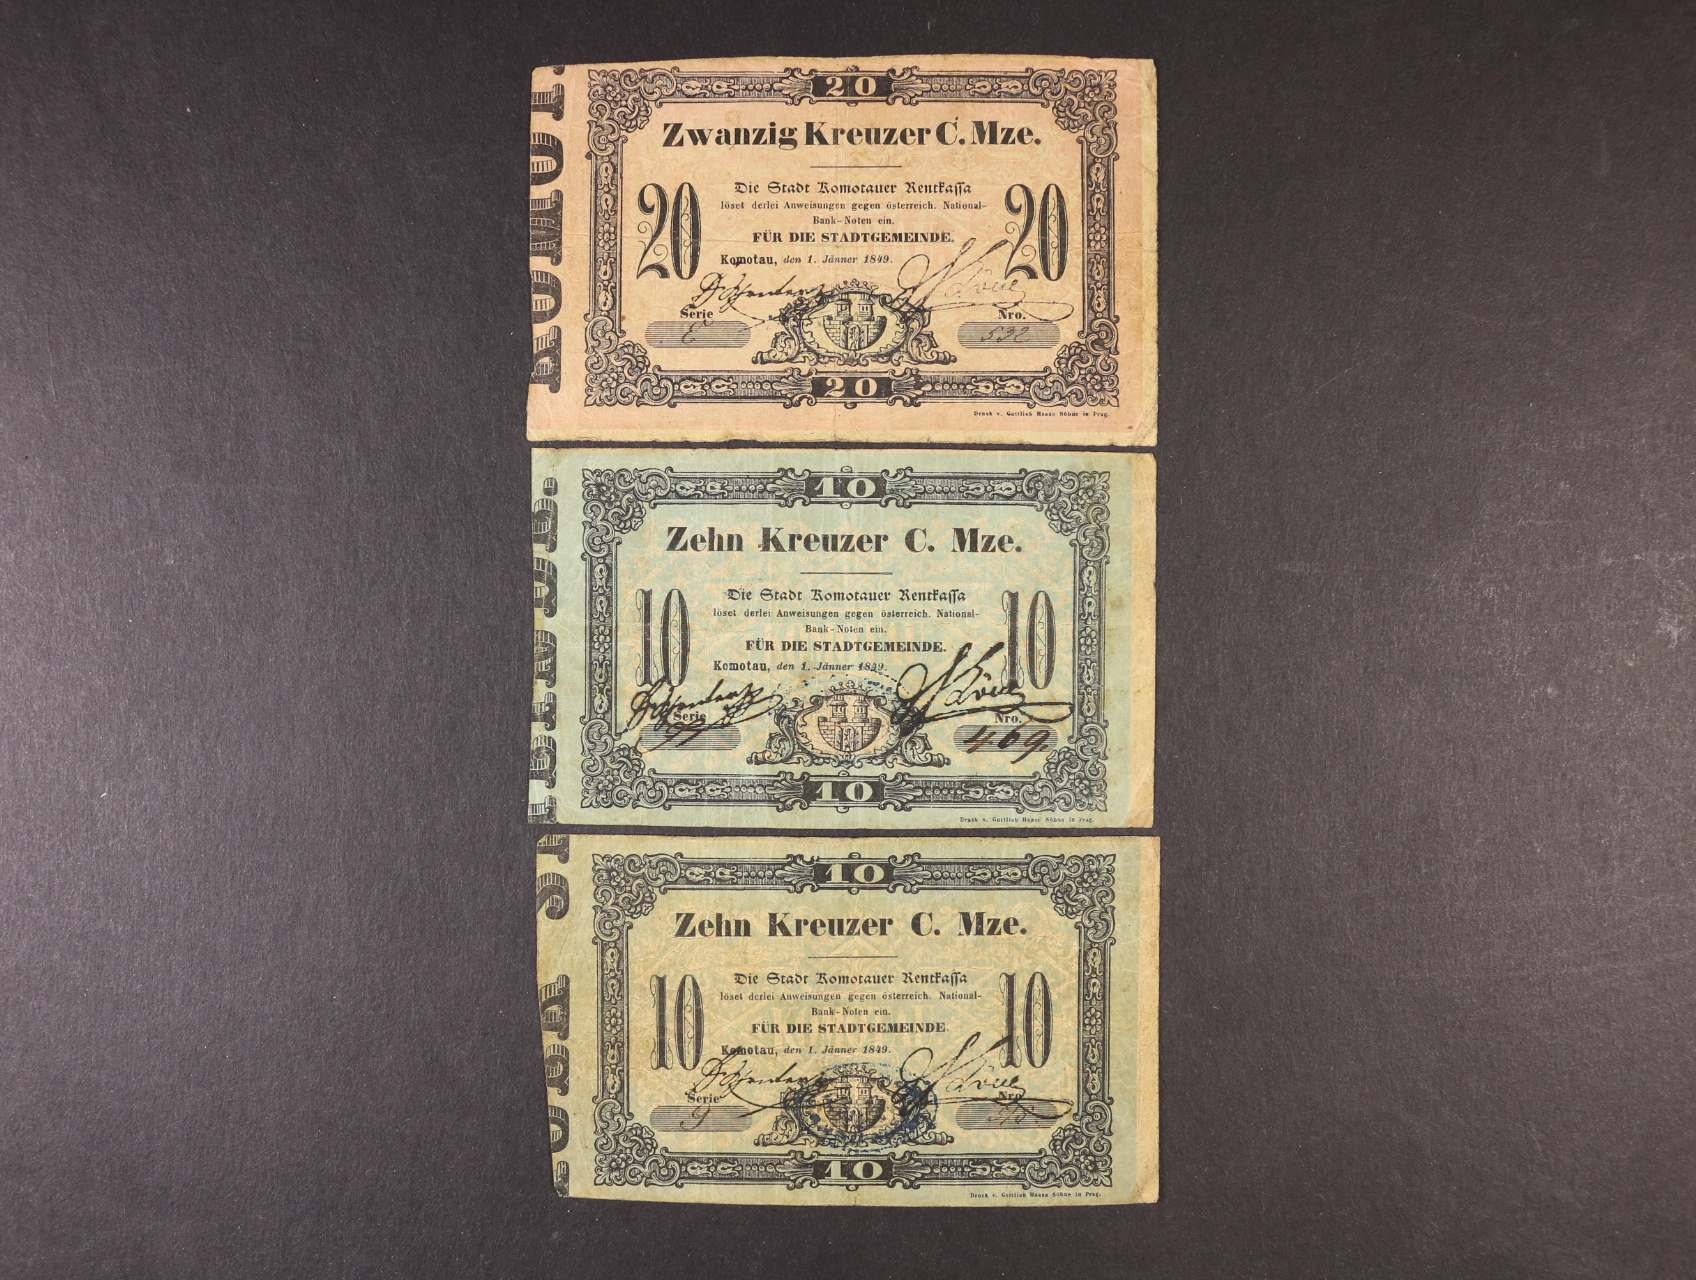 Comotau (Chomutov), 10 kr. (2x),  20 kr. C.M. 1.1.1849 Stadtgemeinde, V.R. 220.19.01, 02.O, 3ks